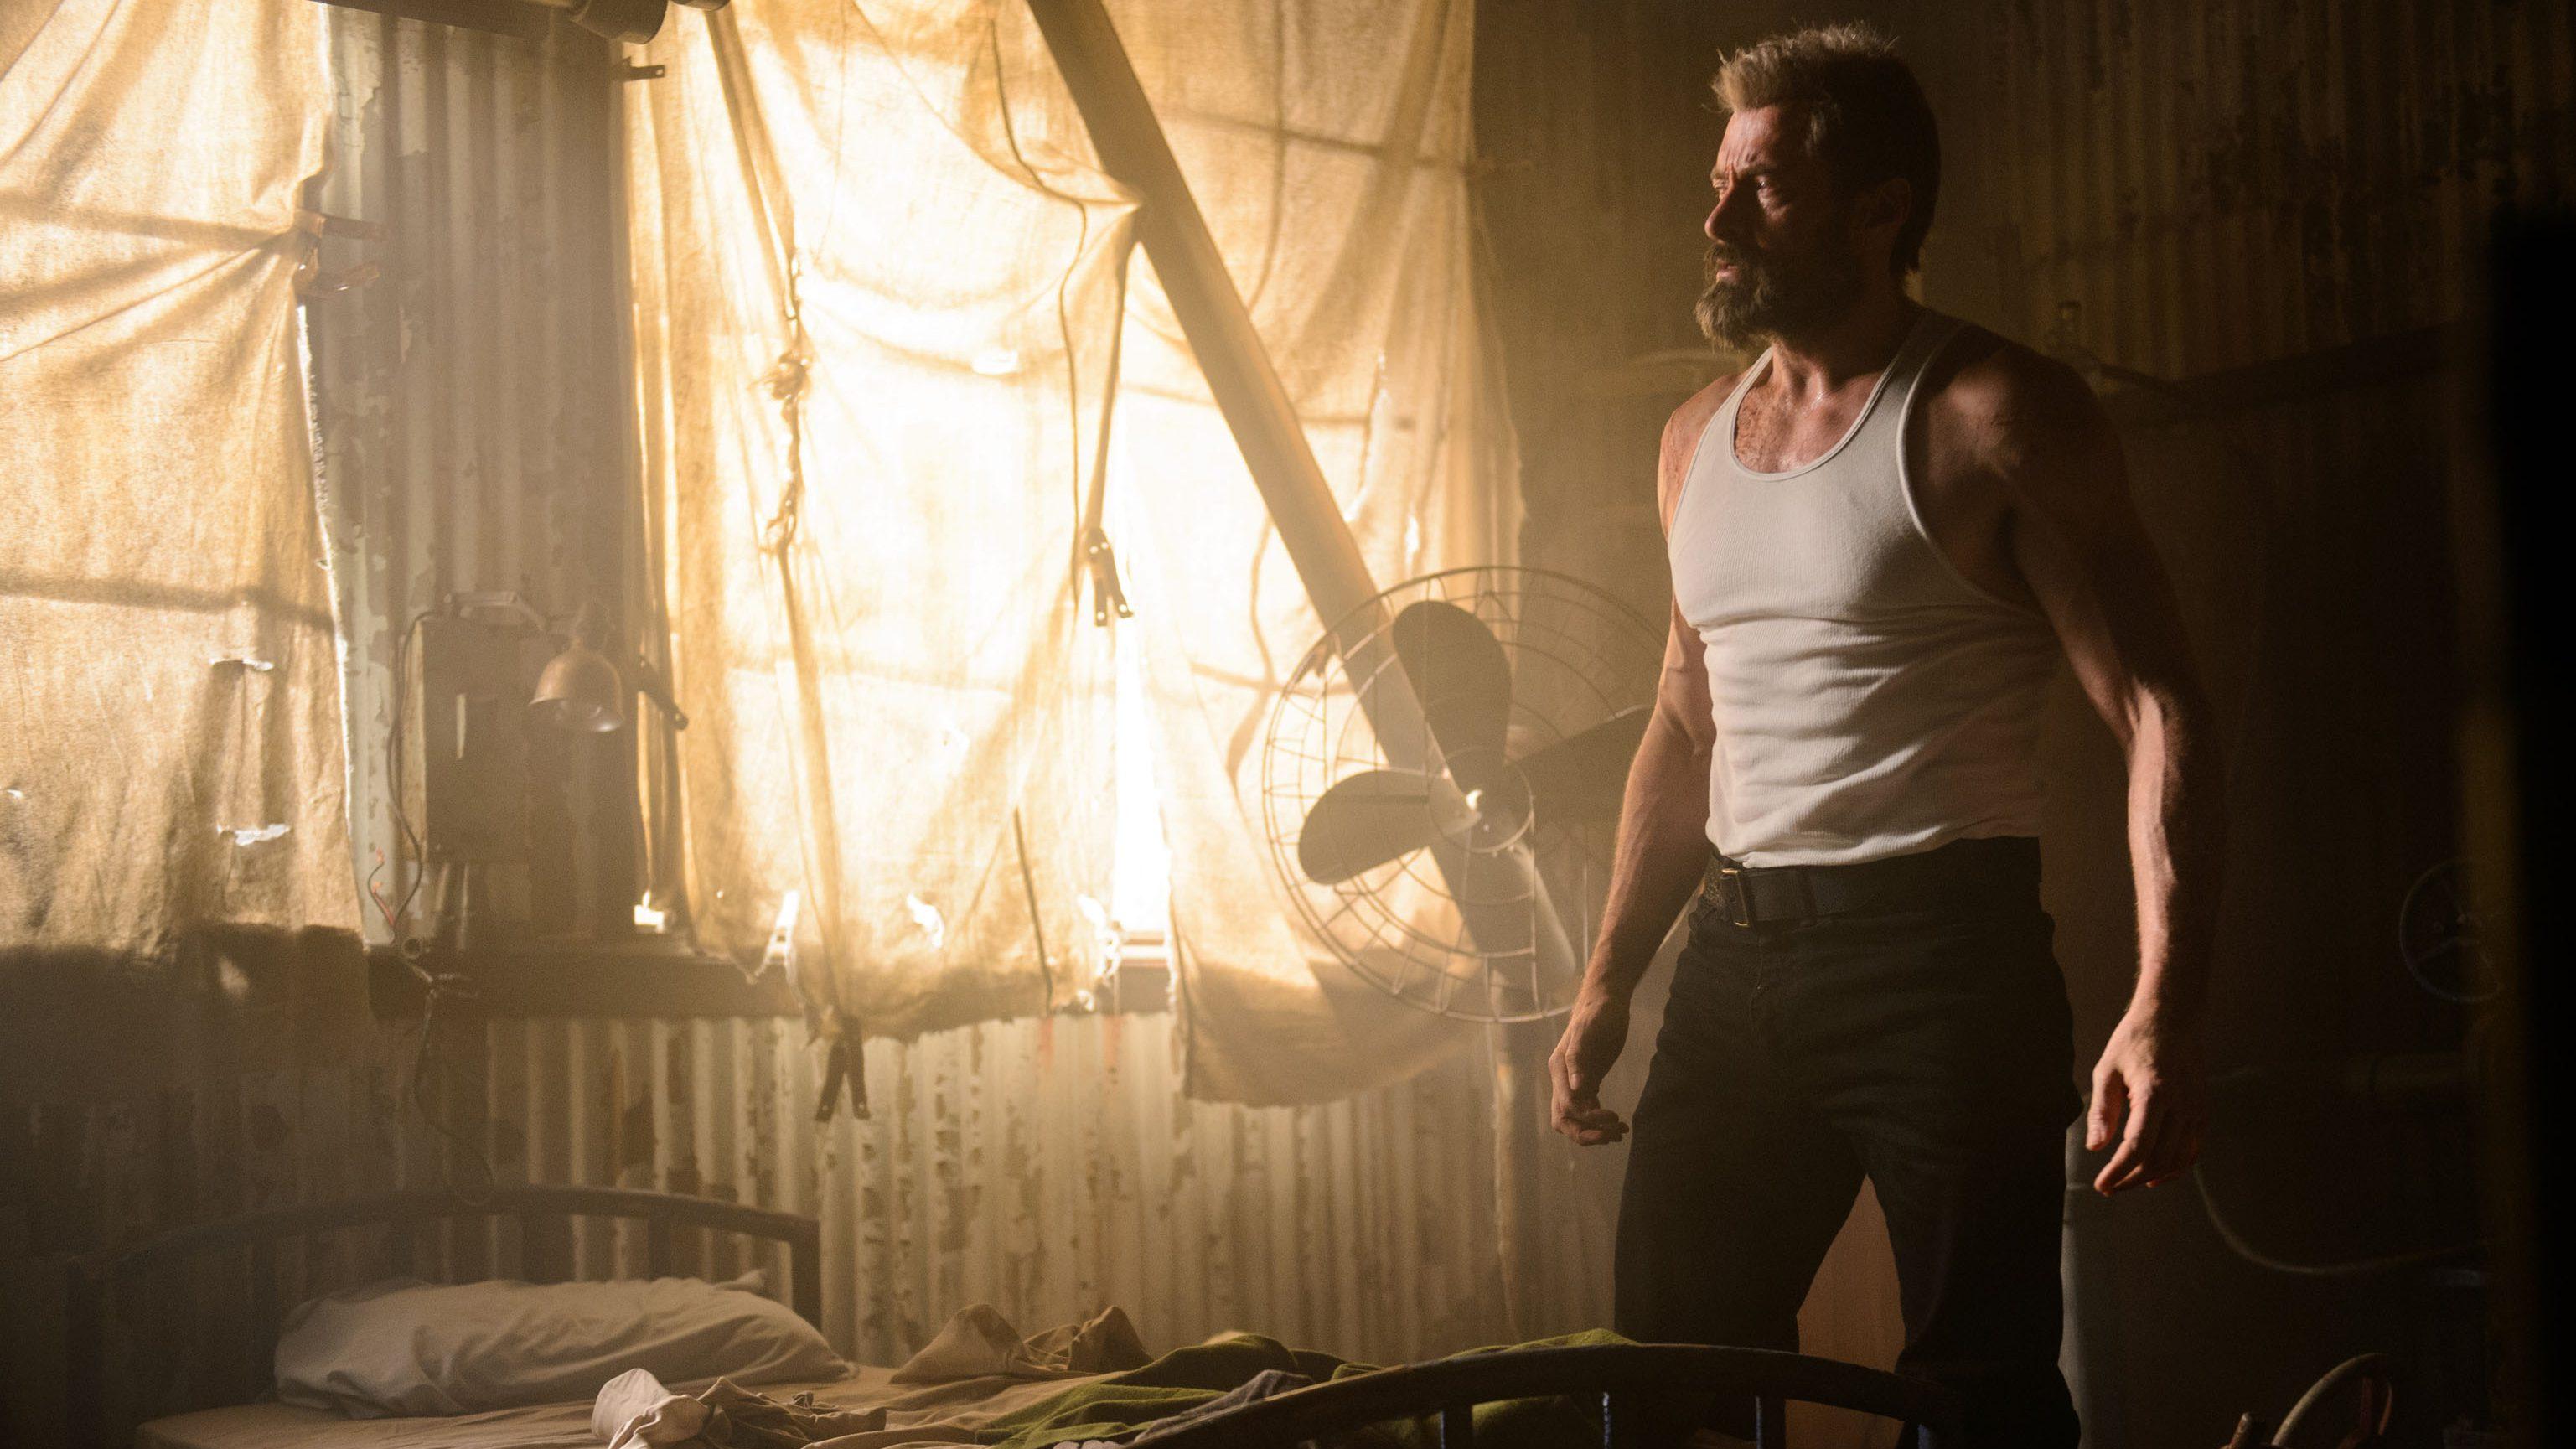 DF-02972 - Hugh Jackman stars as Logan in LOGAN. Photo Credit: Ben Rothstein.